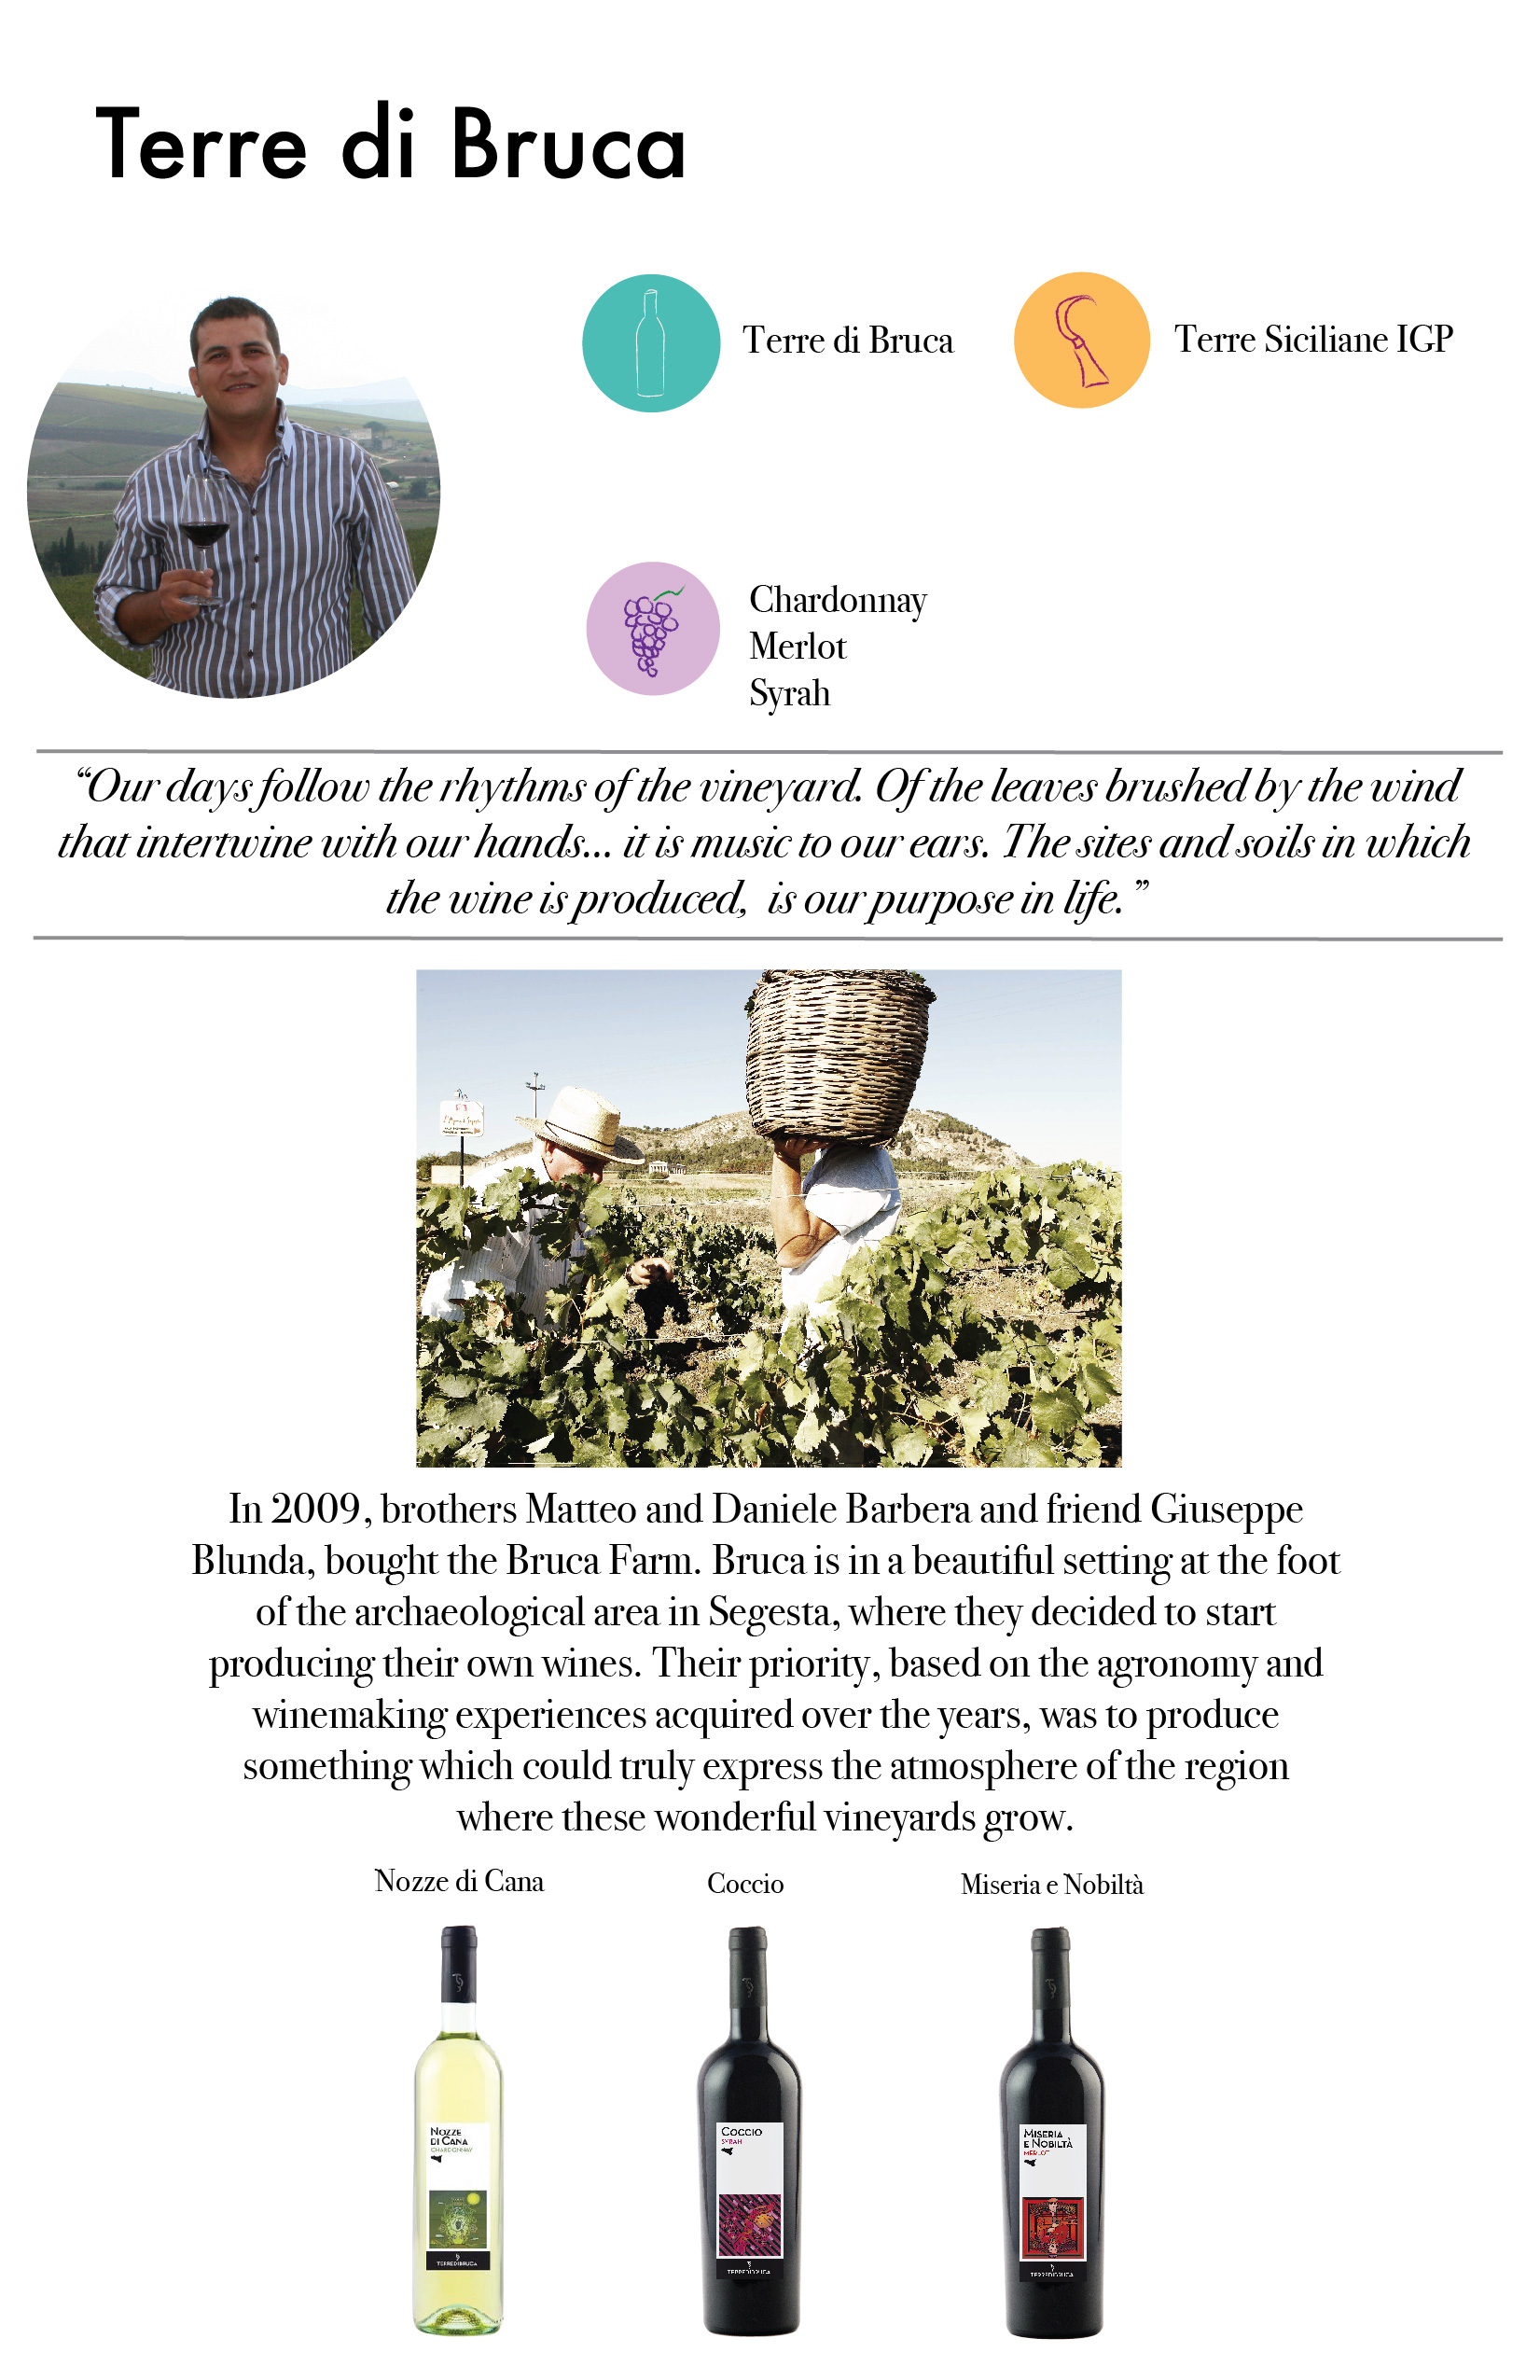 MTG Wine Booklet Images_Terre Di Bruca.jpg